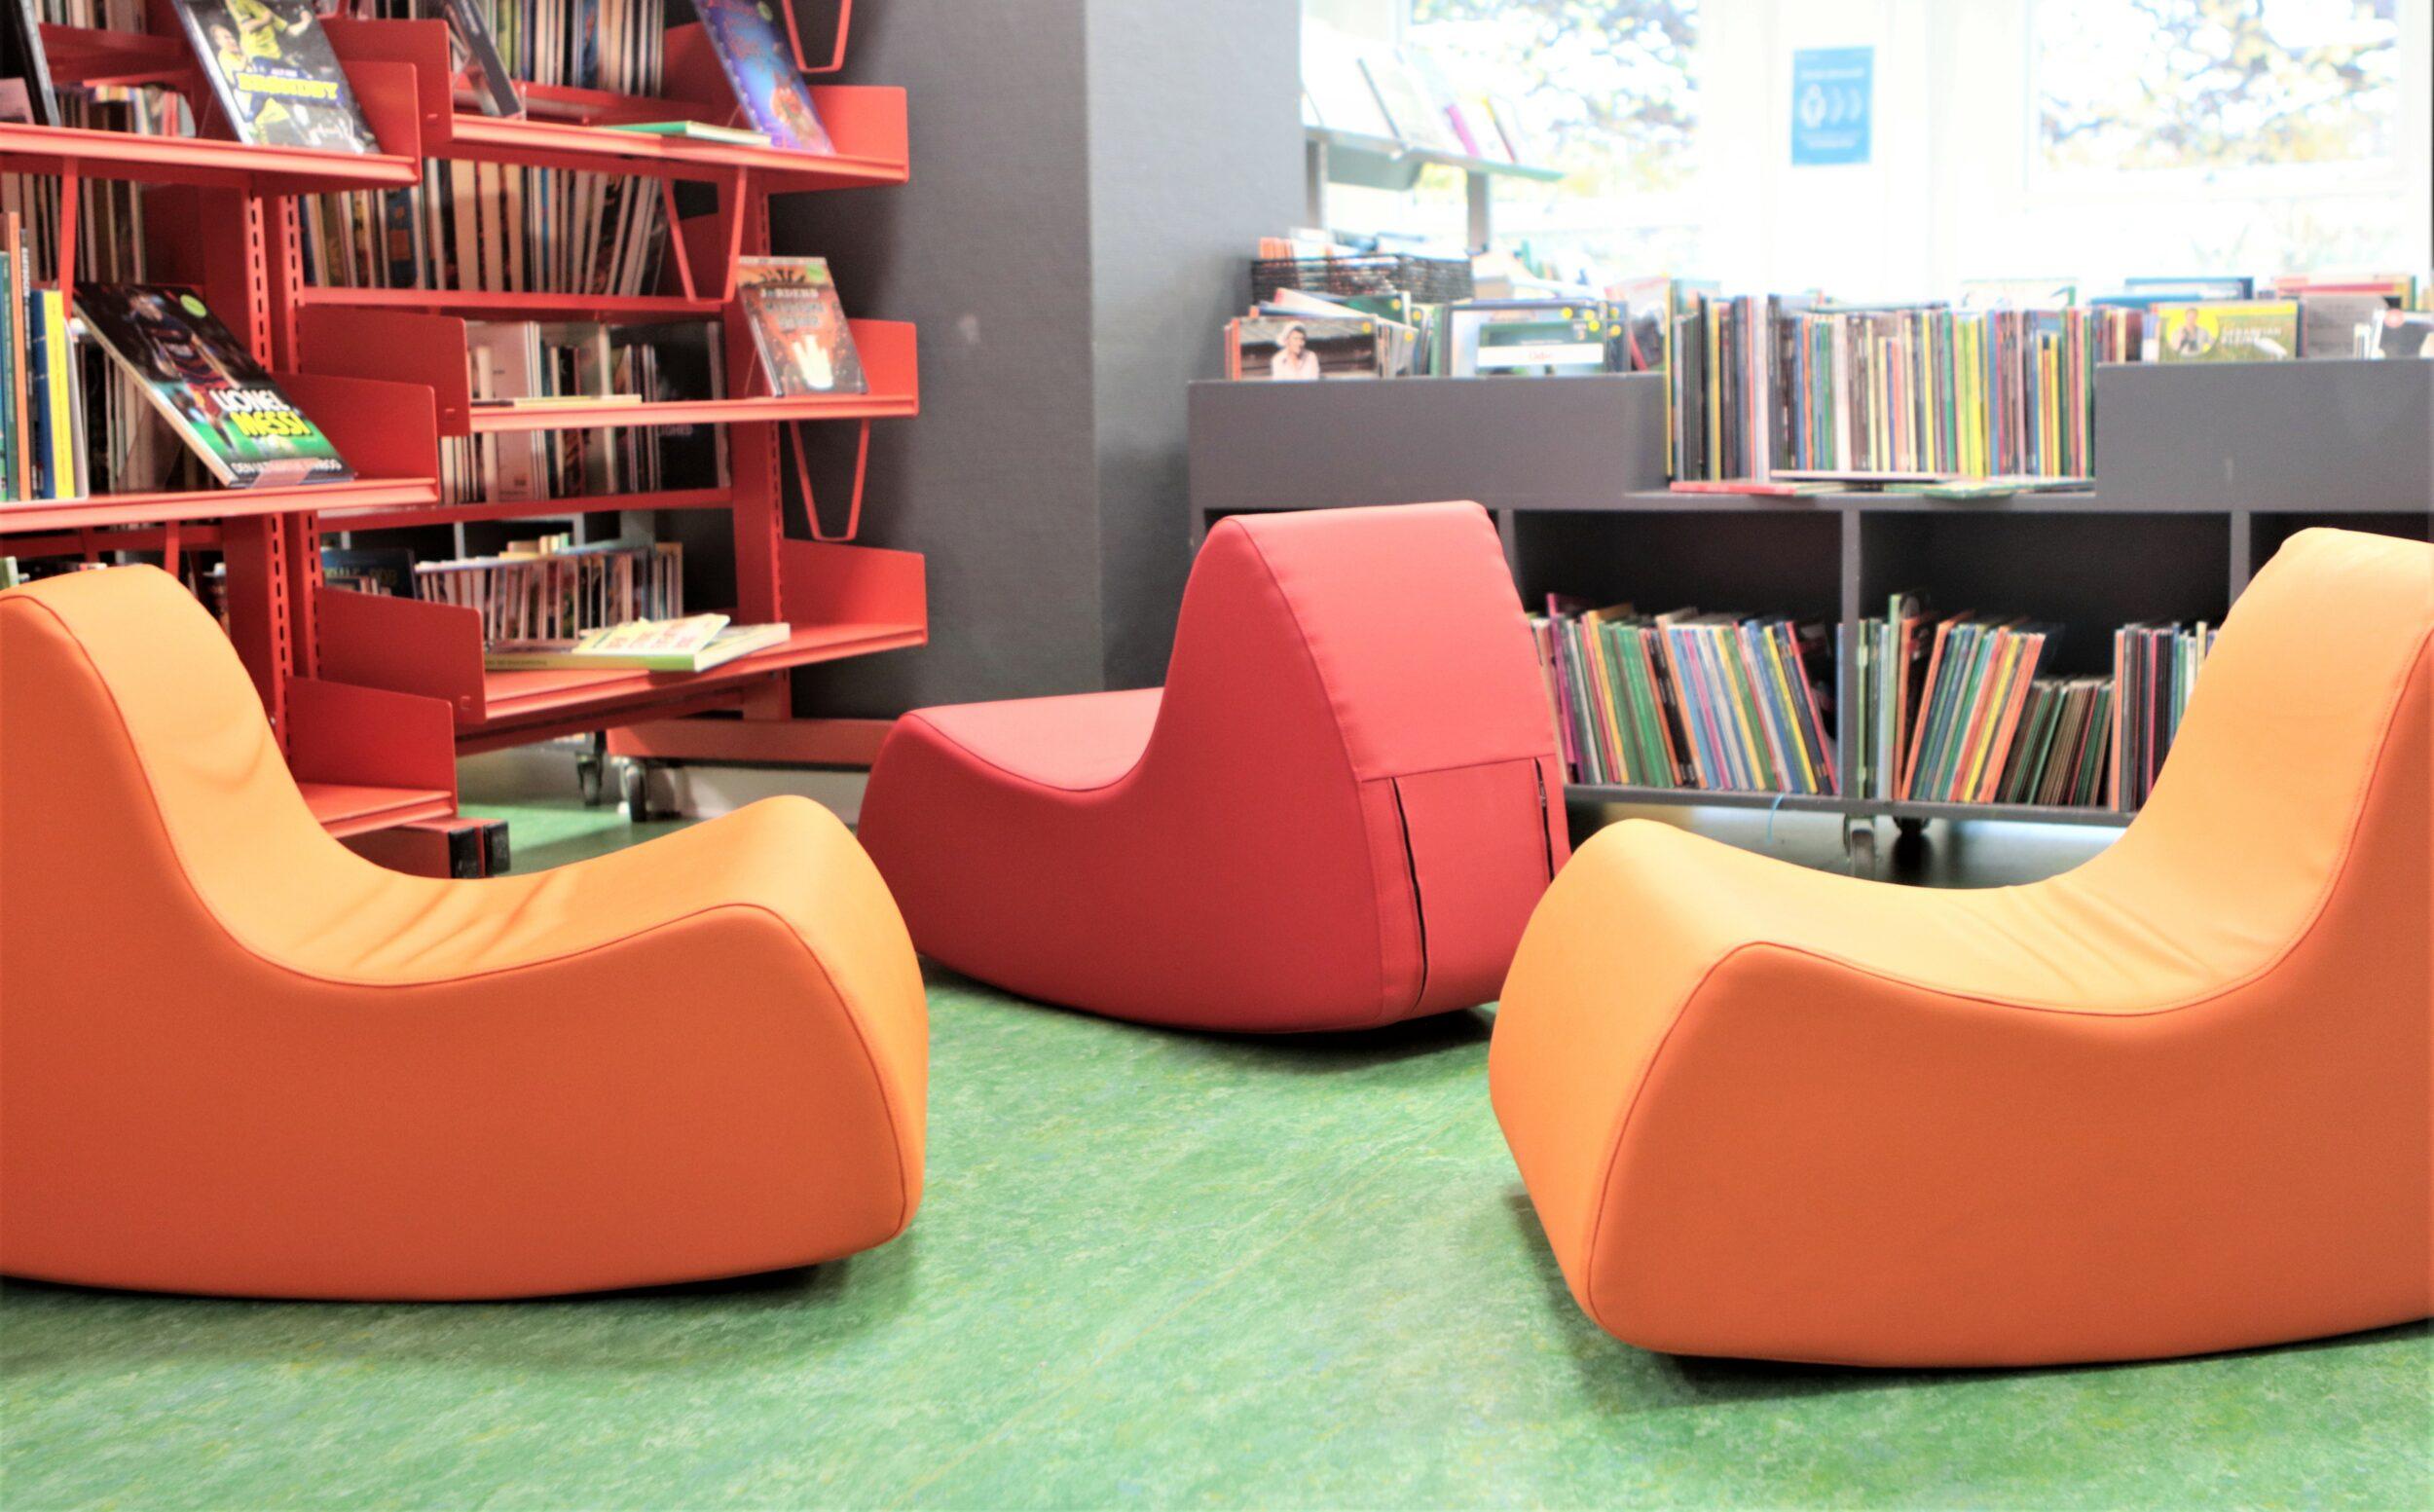 Boggnaskerne i Kalundborg - en bogklub for børn